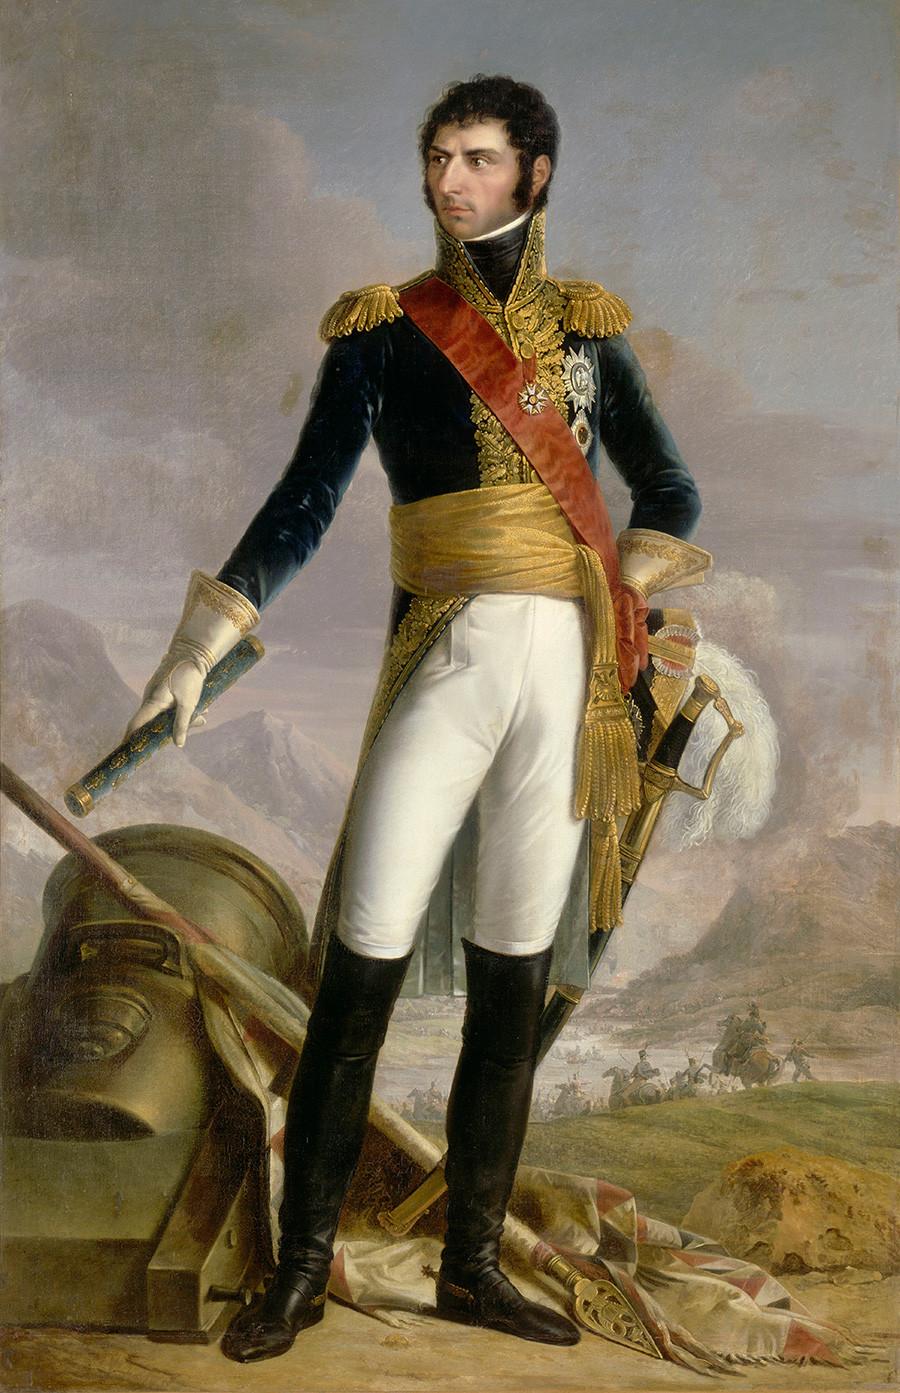 Жан-Батист Бернадот (Карл XIV Йохан) от Франсоа Жозеф Кинсон, 1818 г.